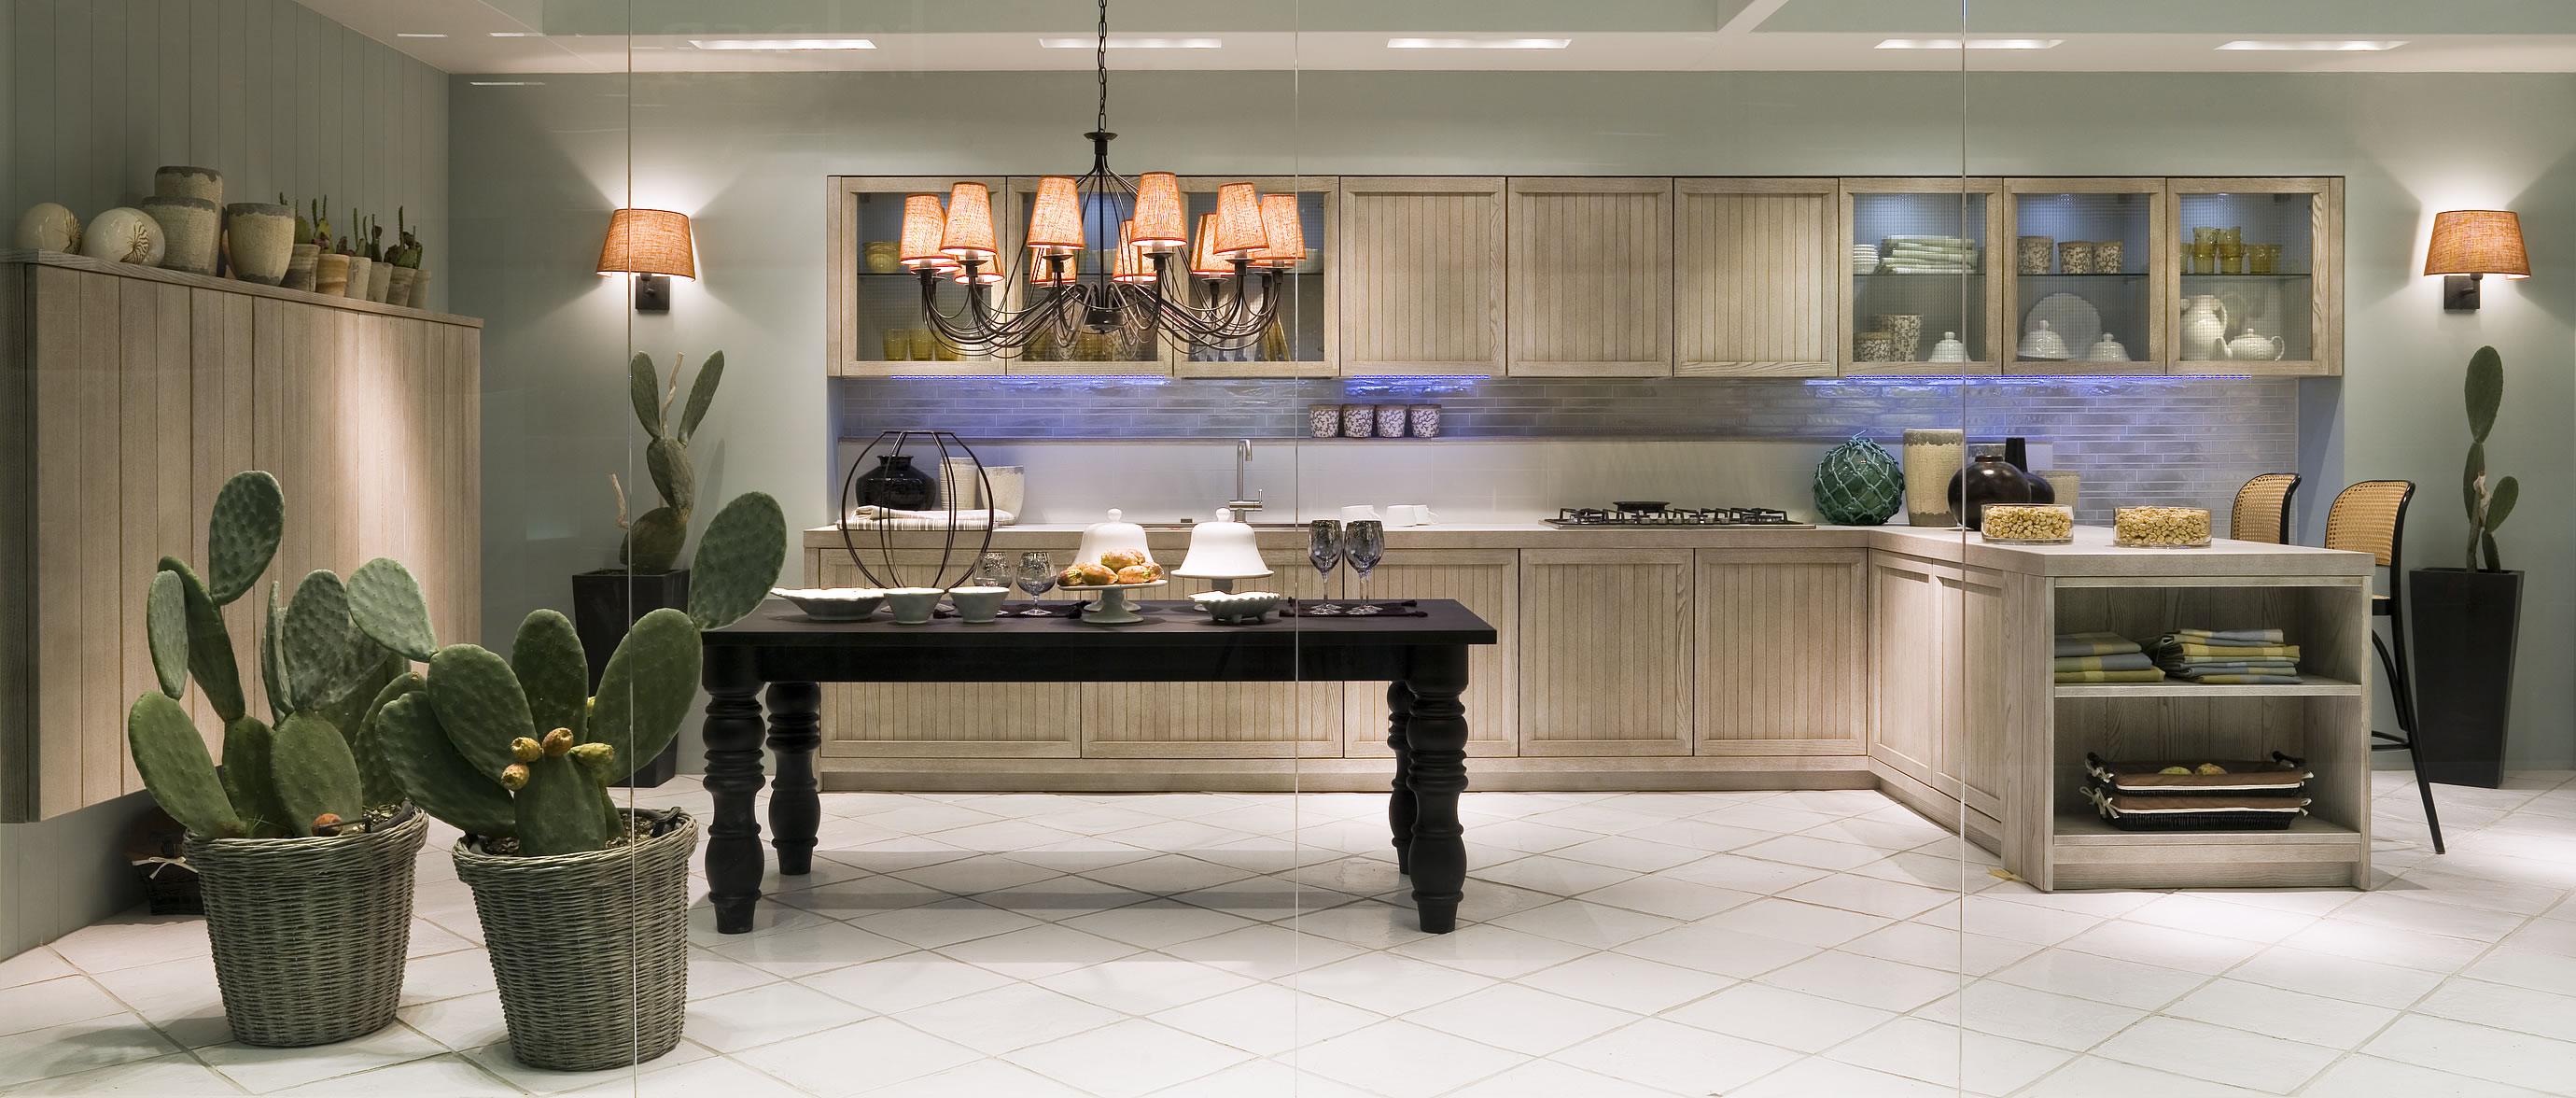 Cucine country chic stile moderno componibili in legno massello ...